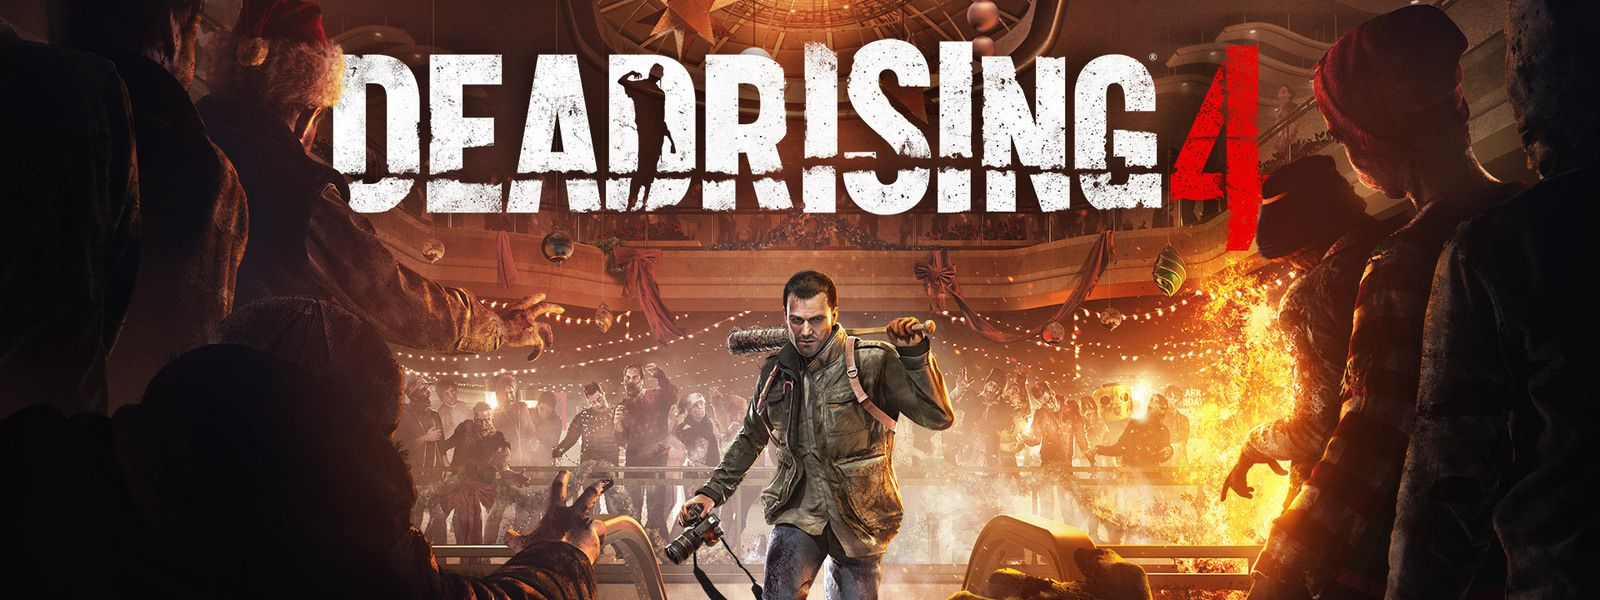 [GC2016] Dead Rising 4 va tout exploser !